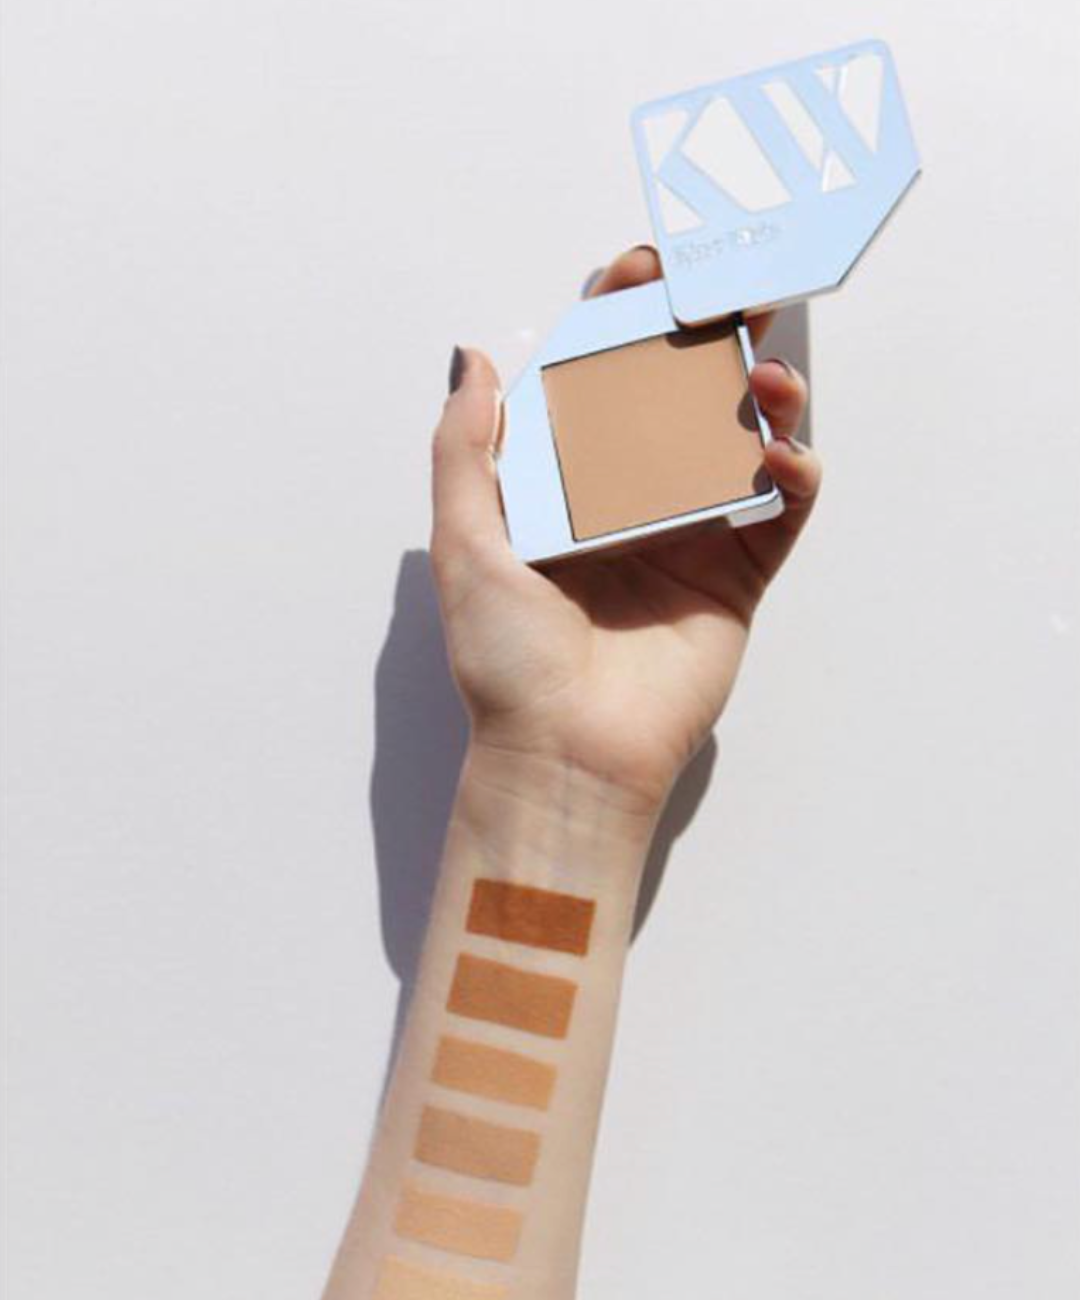 Luonnonkosmetiikan meikkivoideopas – kuinka valita sopiva?